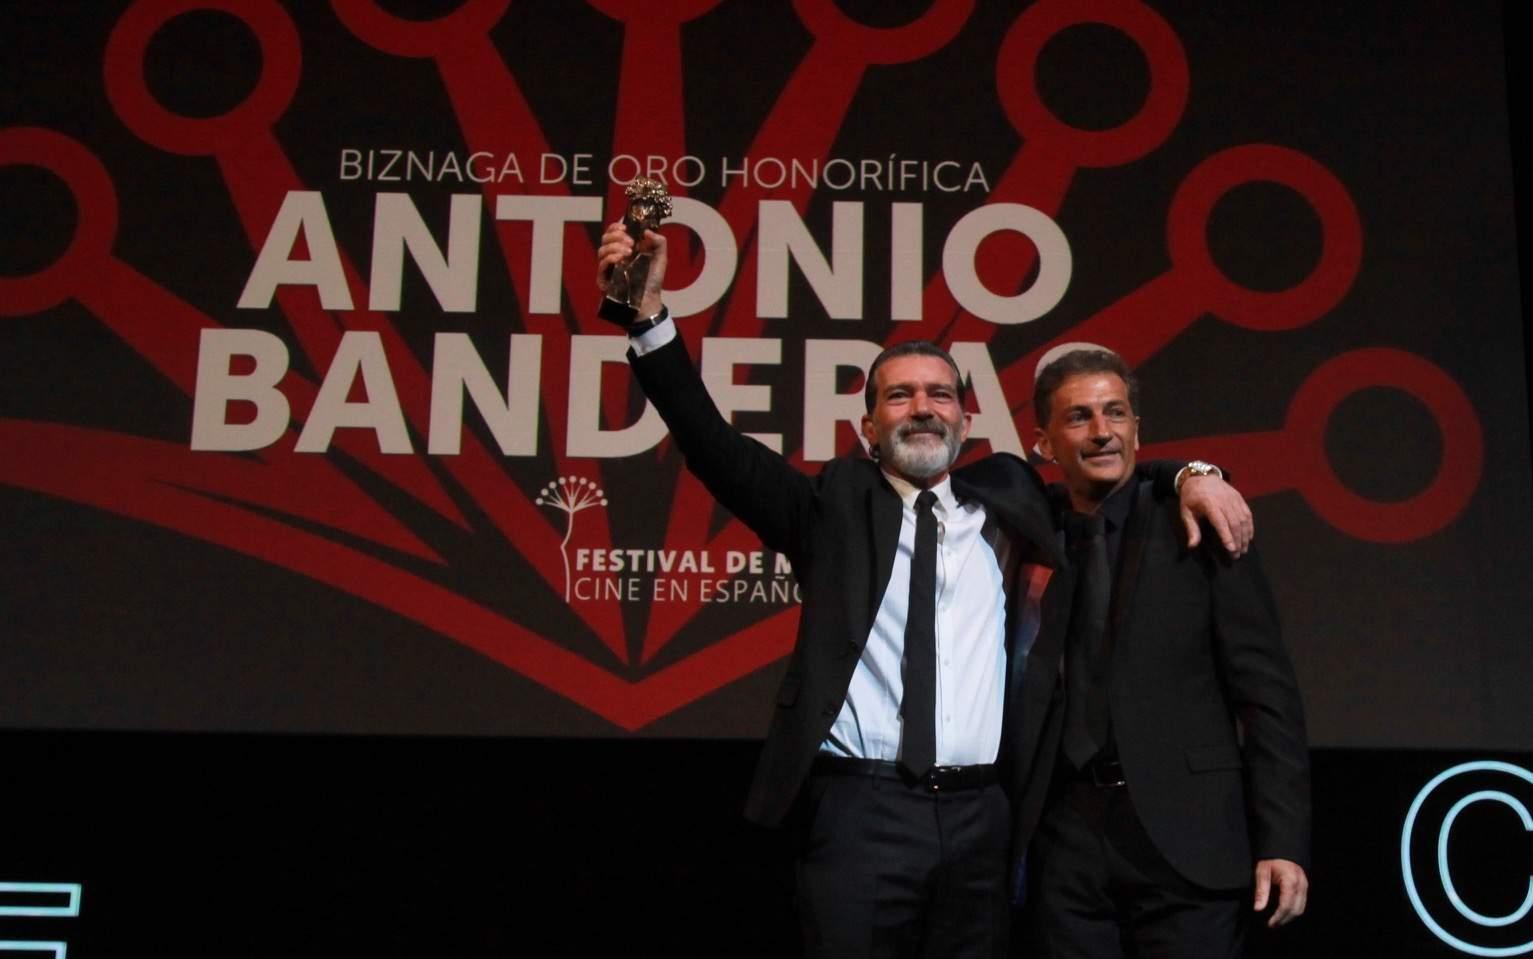 Antonio Banderas recibe la biznaga de oro honorifica de manos de su hermano Javier Banderas